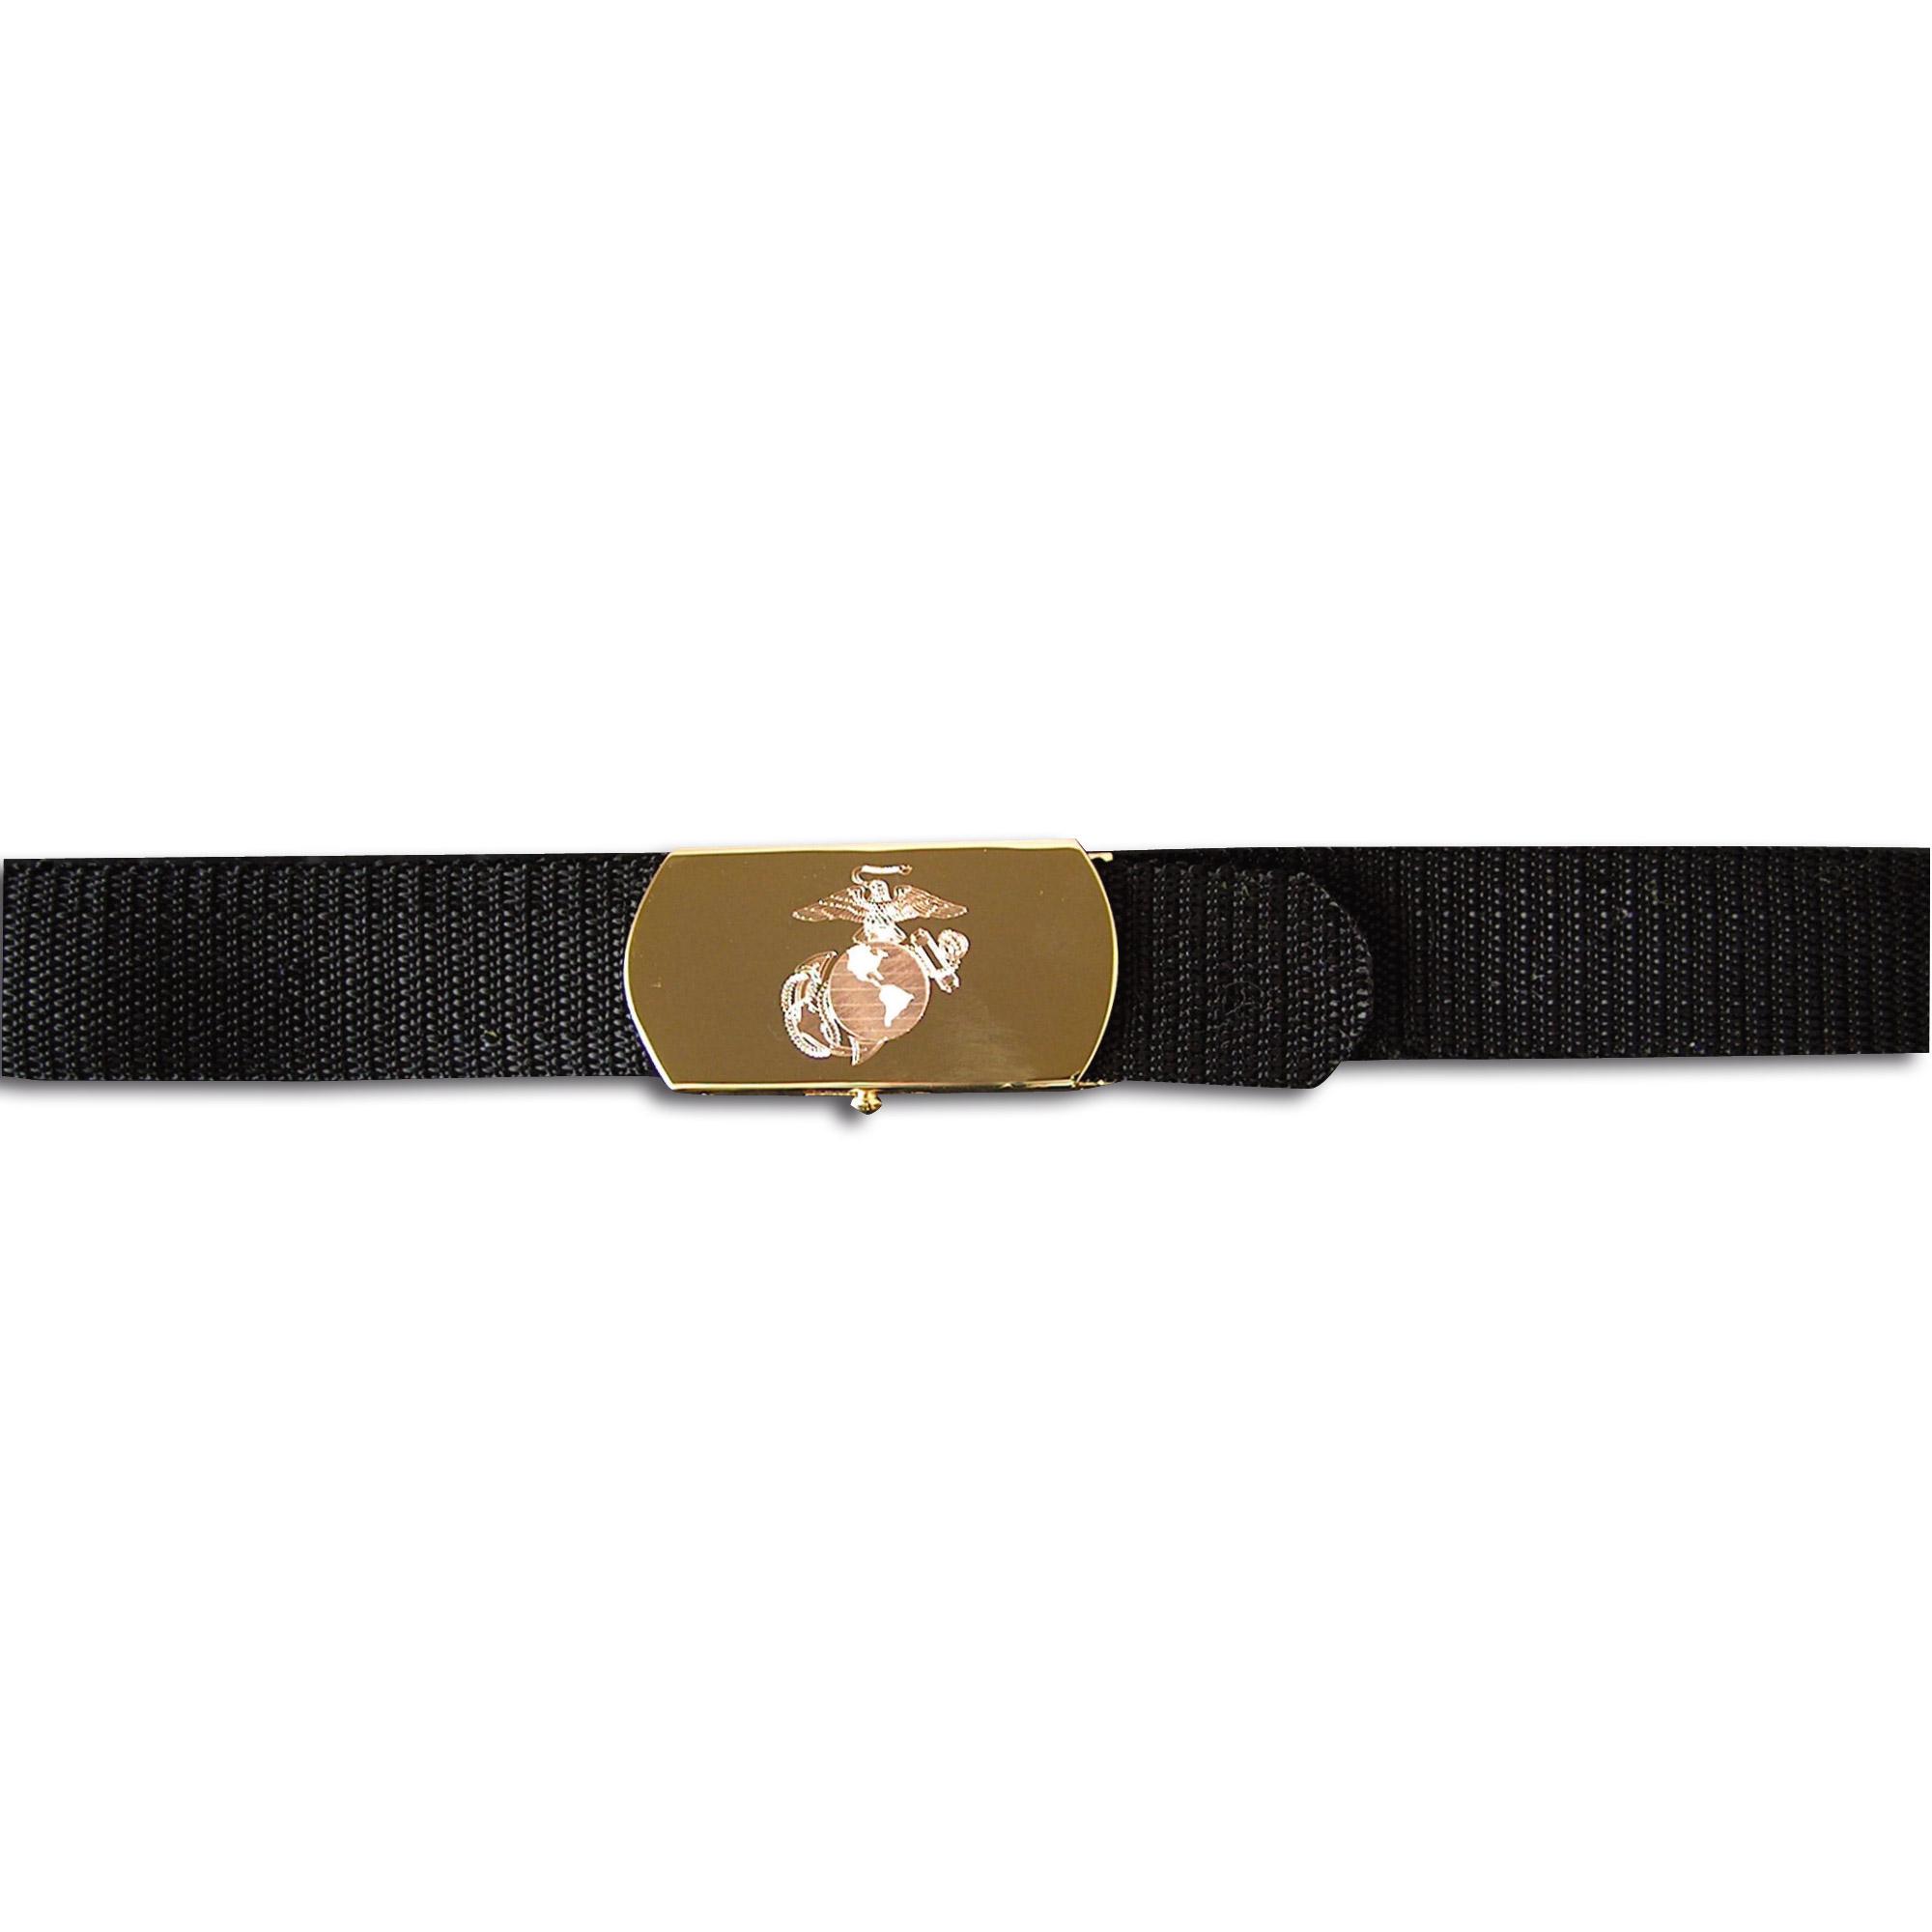 Cinturón con hebilla USMC